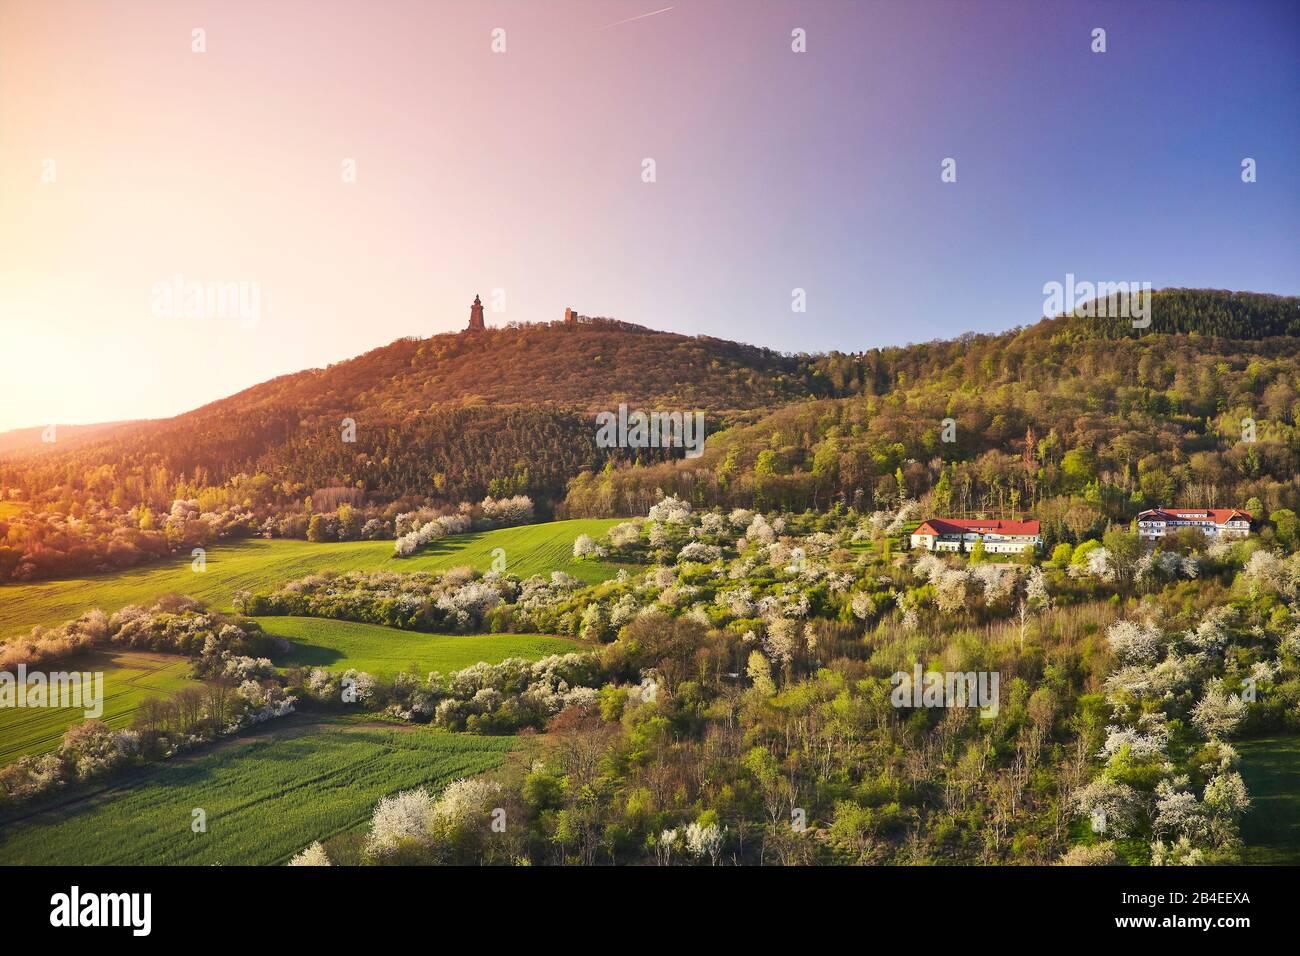 Allemagne, Thuringe, frontière avec Saxe-Anhalt, vergers en fleurs, collines avec le monument Kyffhäuser, troisième monument allemand, soleil radiant du matin Banque D'Images